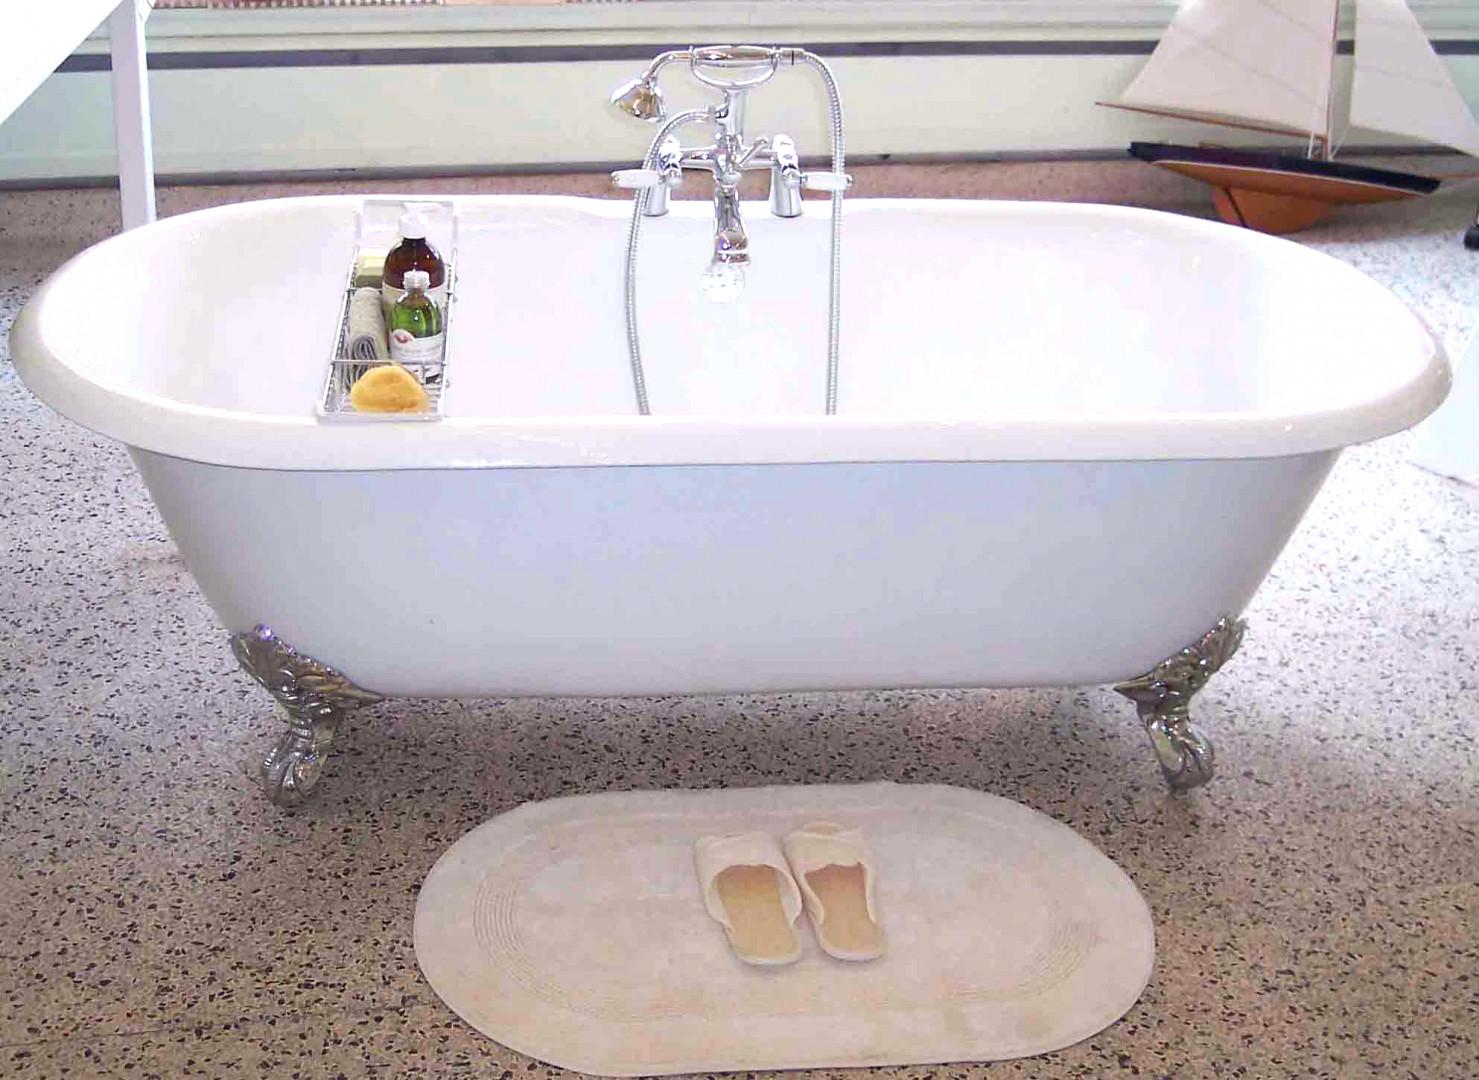 Refinish Cast Iron Bathtub Yourself • Bathtub Ideas